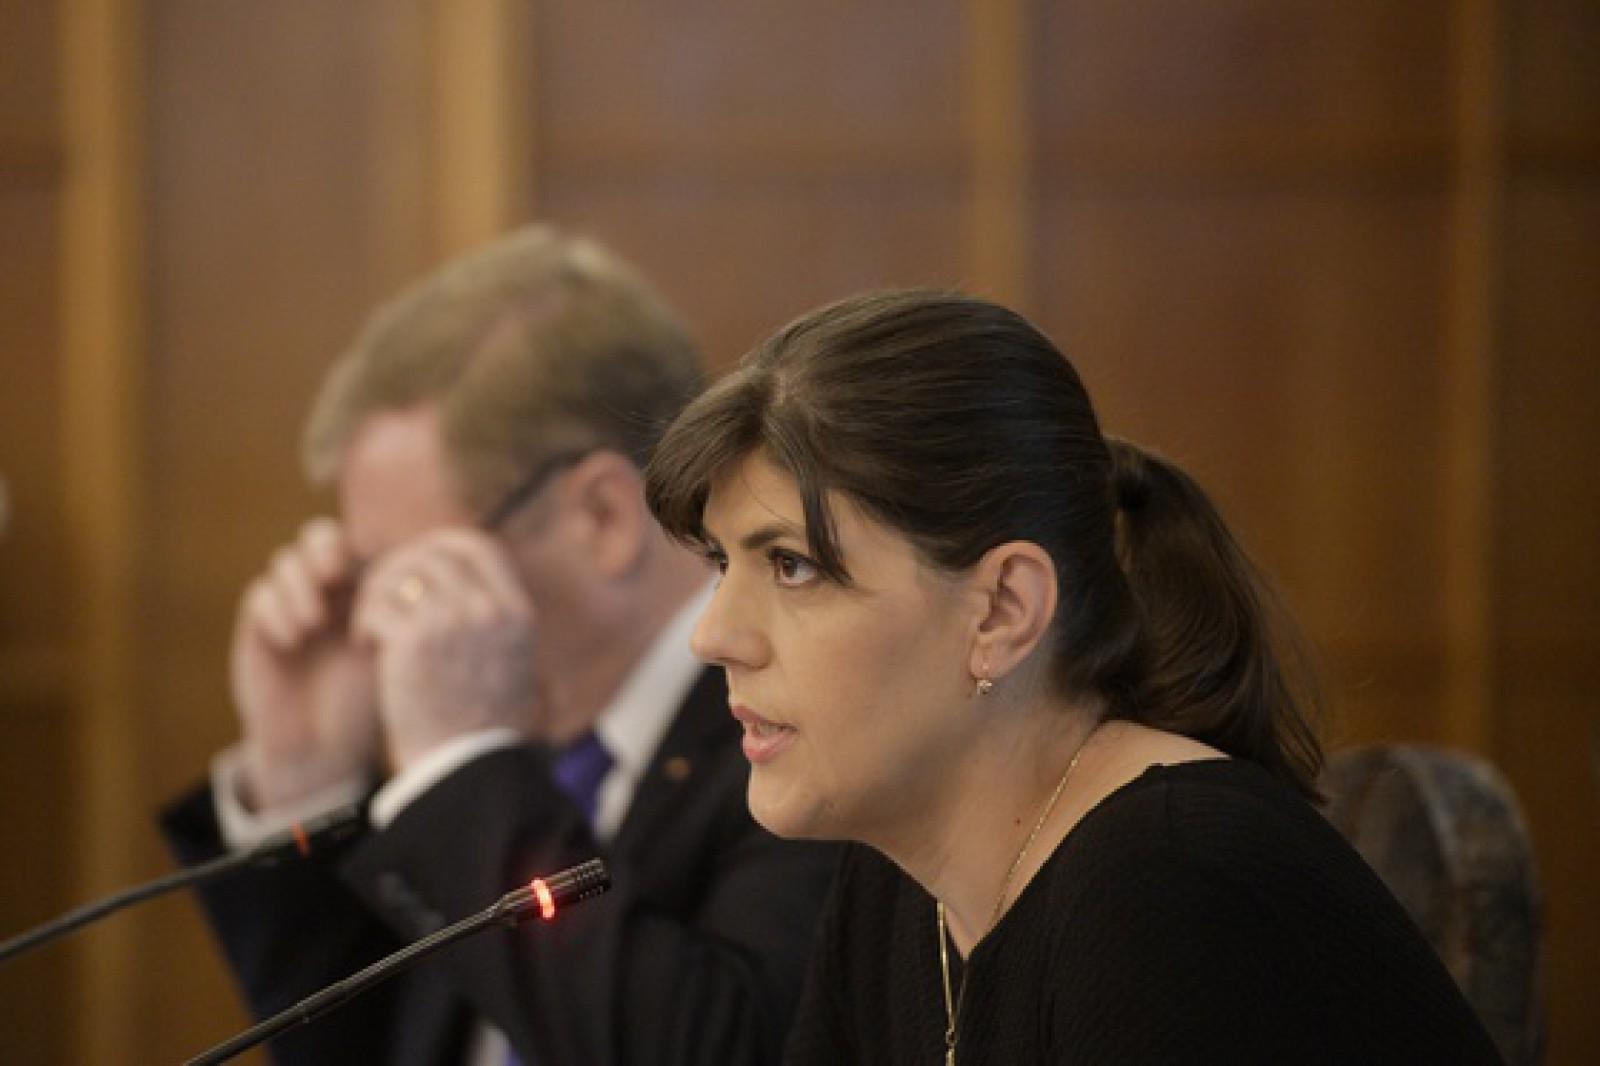 Codruţa Kovesi a fost prezentă la numirea Ancăi Jurma la şefia DNA, însă a refuzat să vină în faţa presei